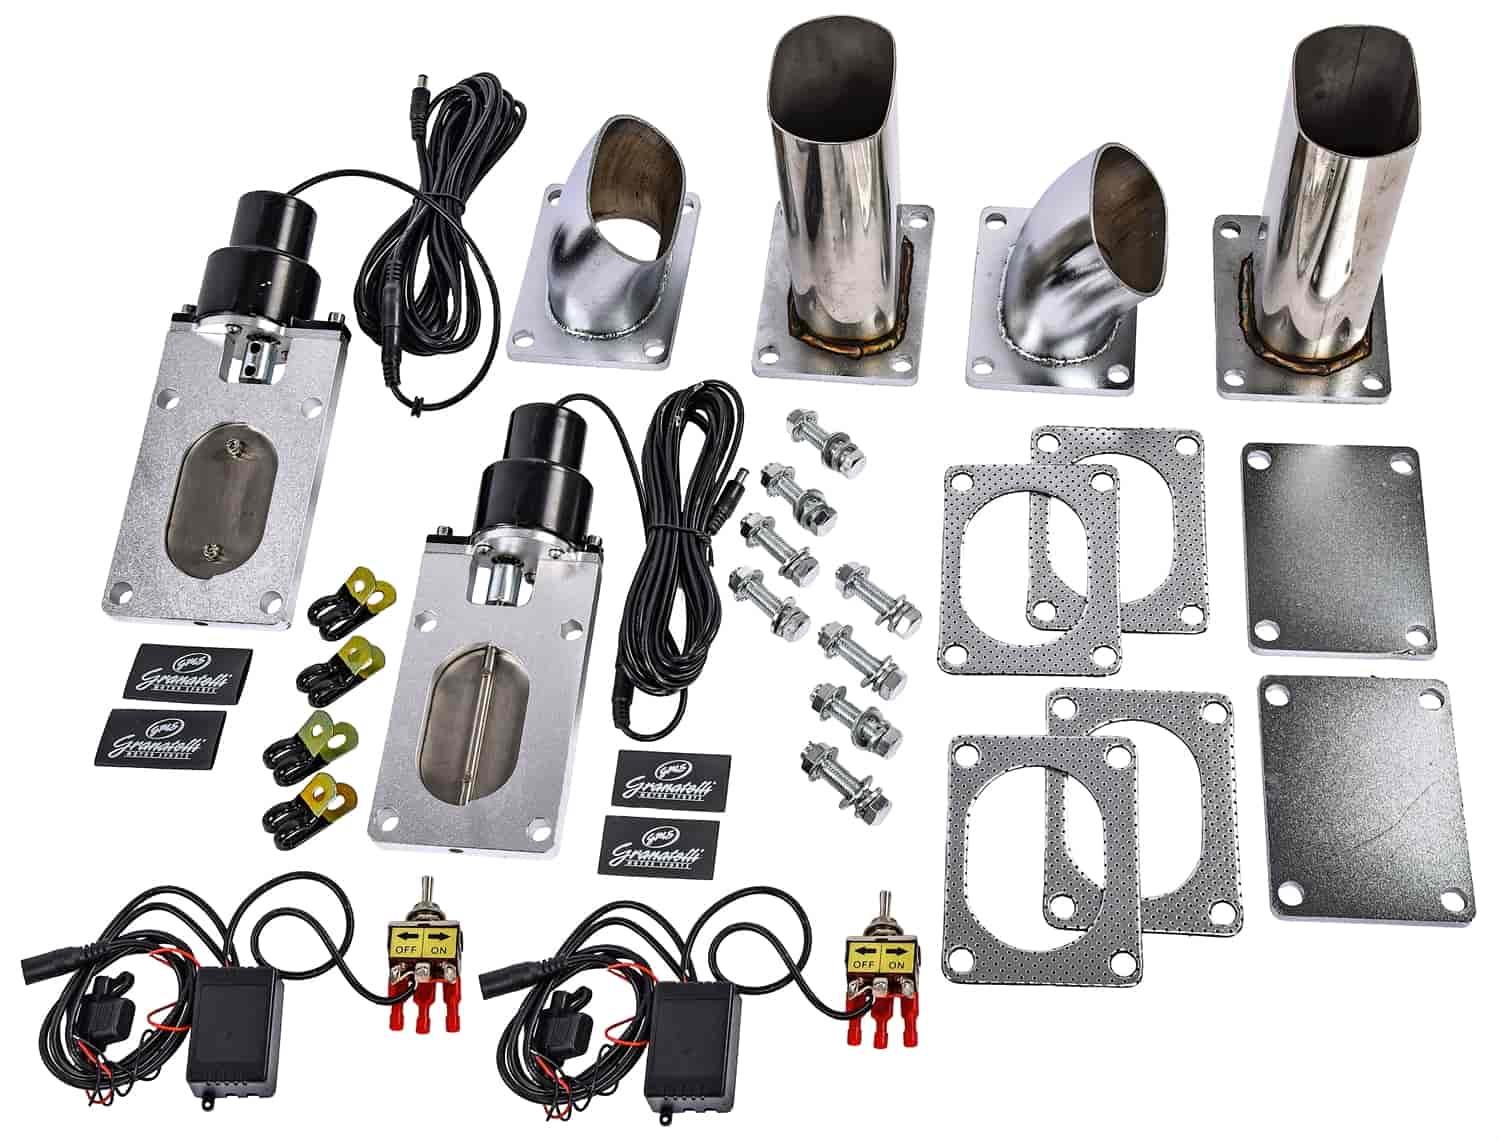 J40ATLCCS Outboard Engine Carburetor Repair Kit for 1988 Johnson 40HP J40ELCCS